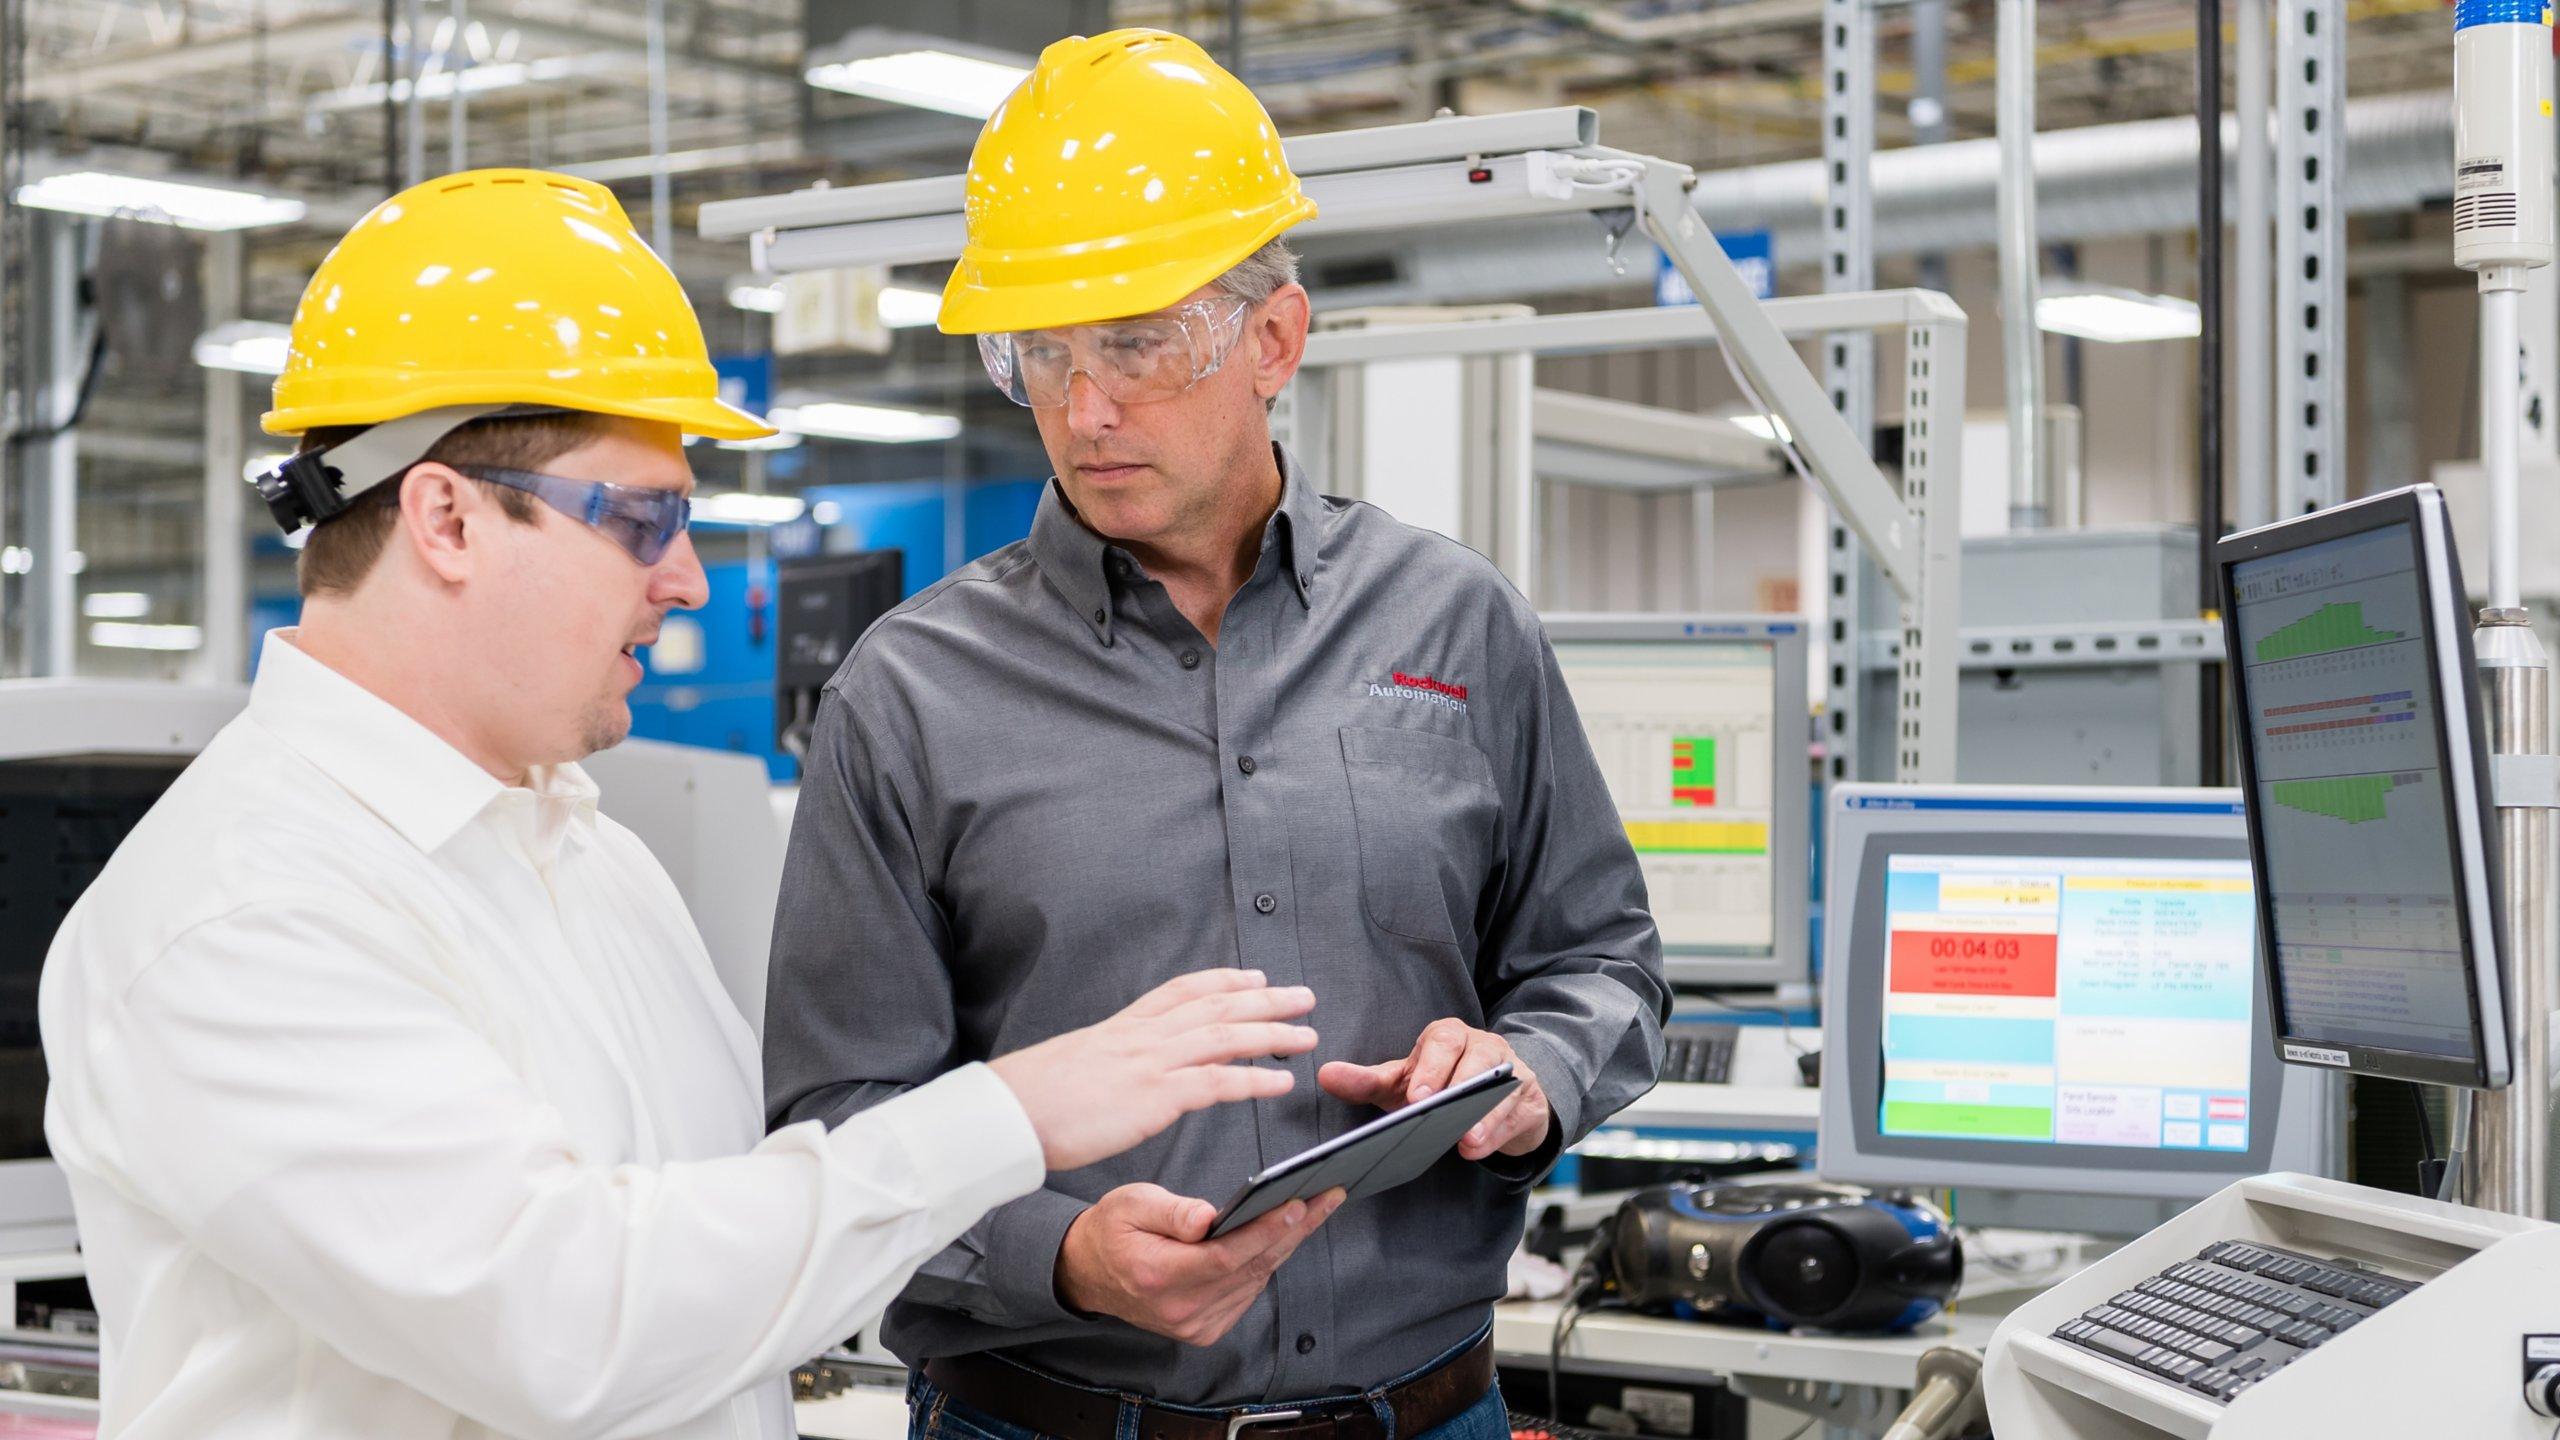 dos trabajadores, uno de ellos con una camiseta de Rockwell Automation, colaboran en una tableta en un entorno de planta